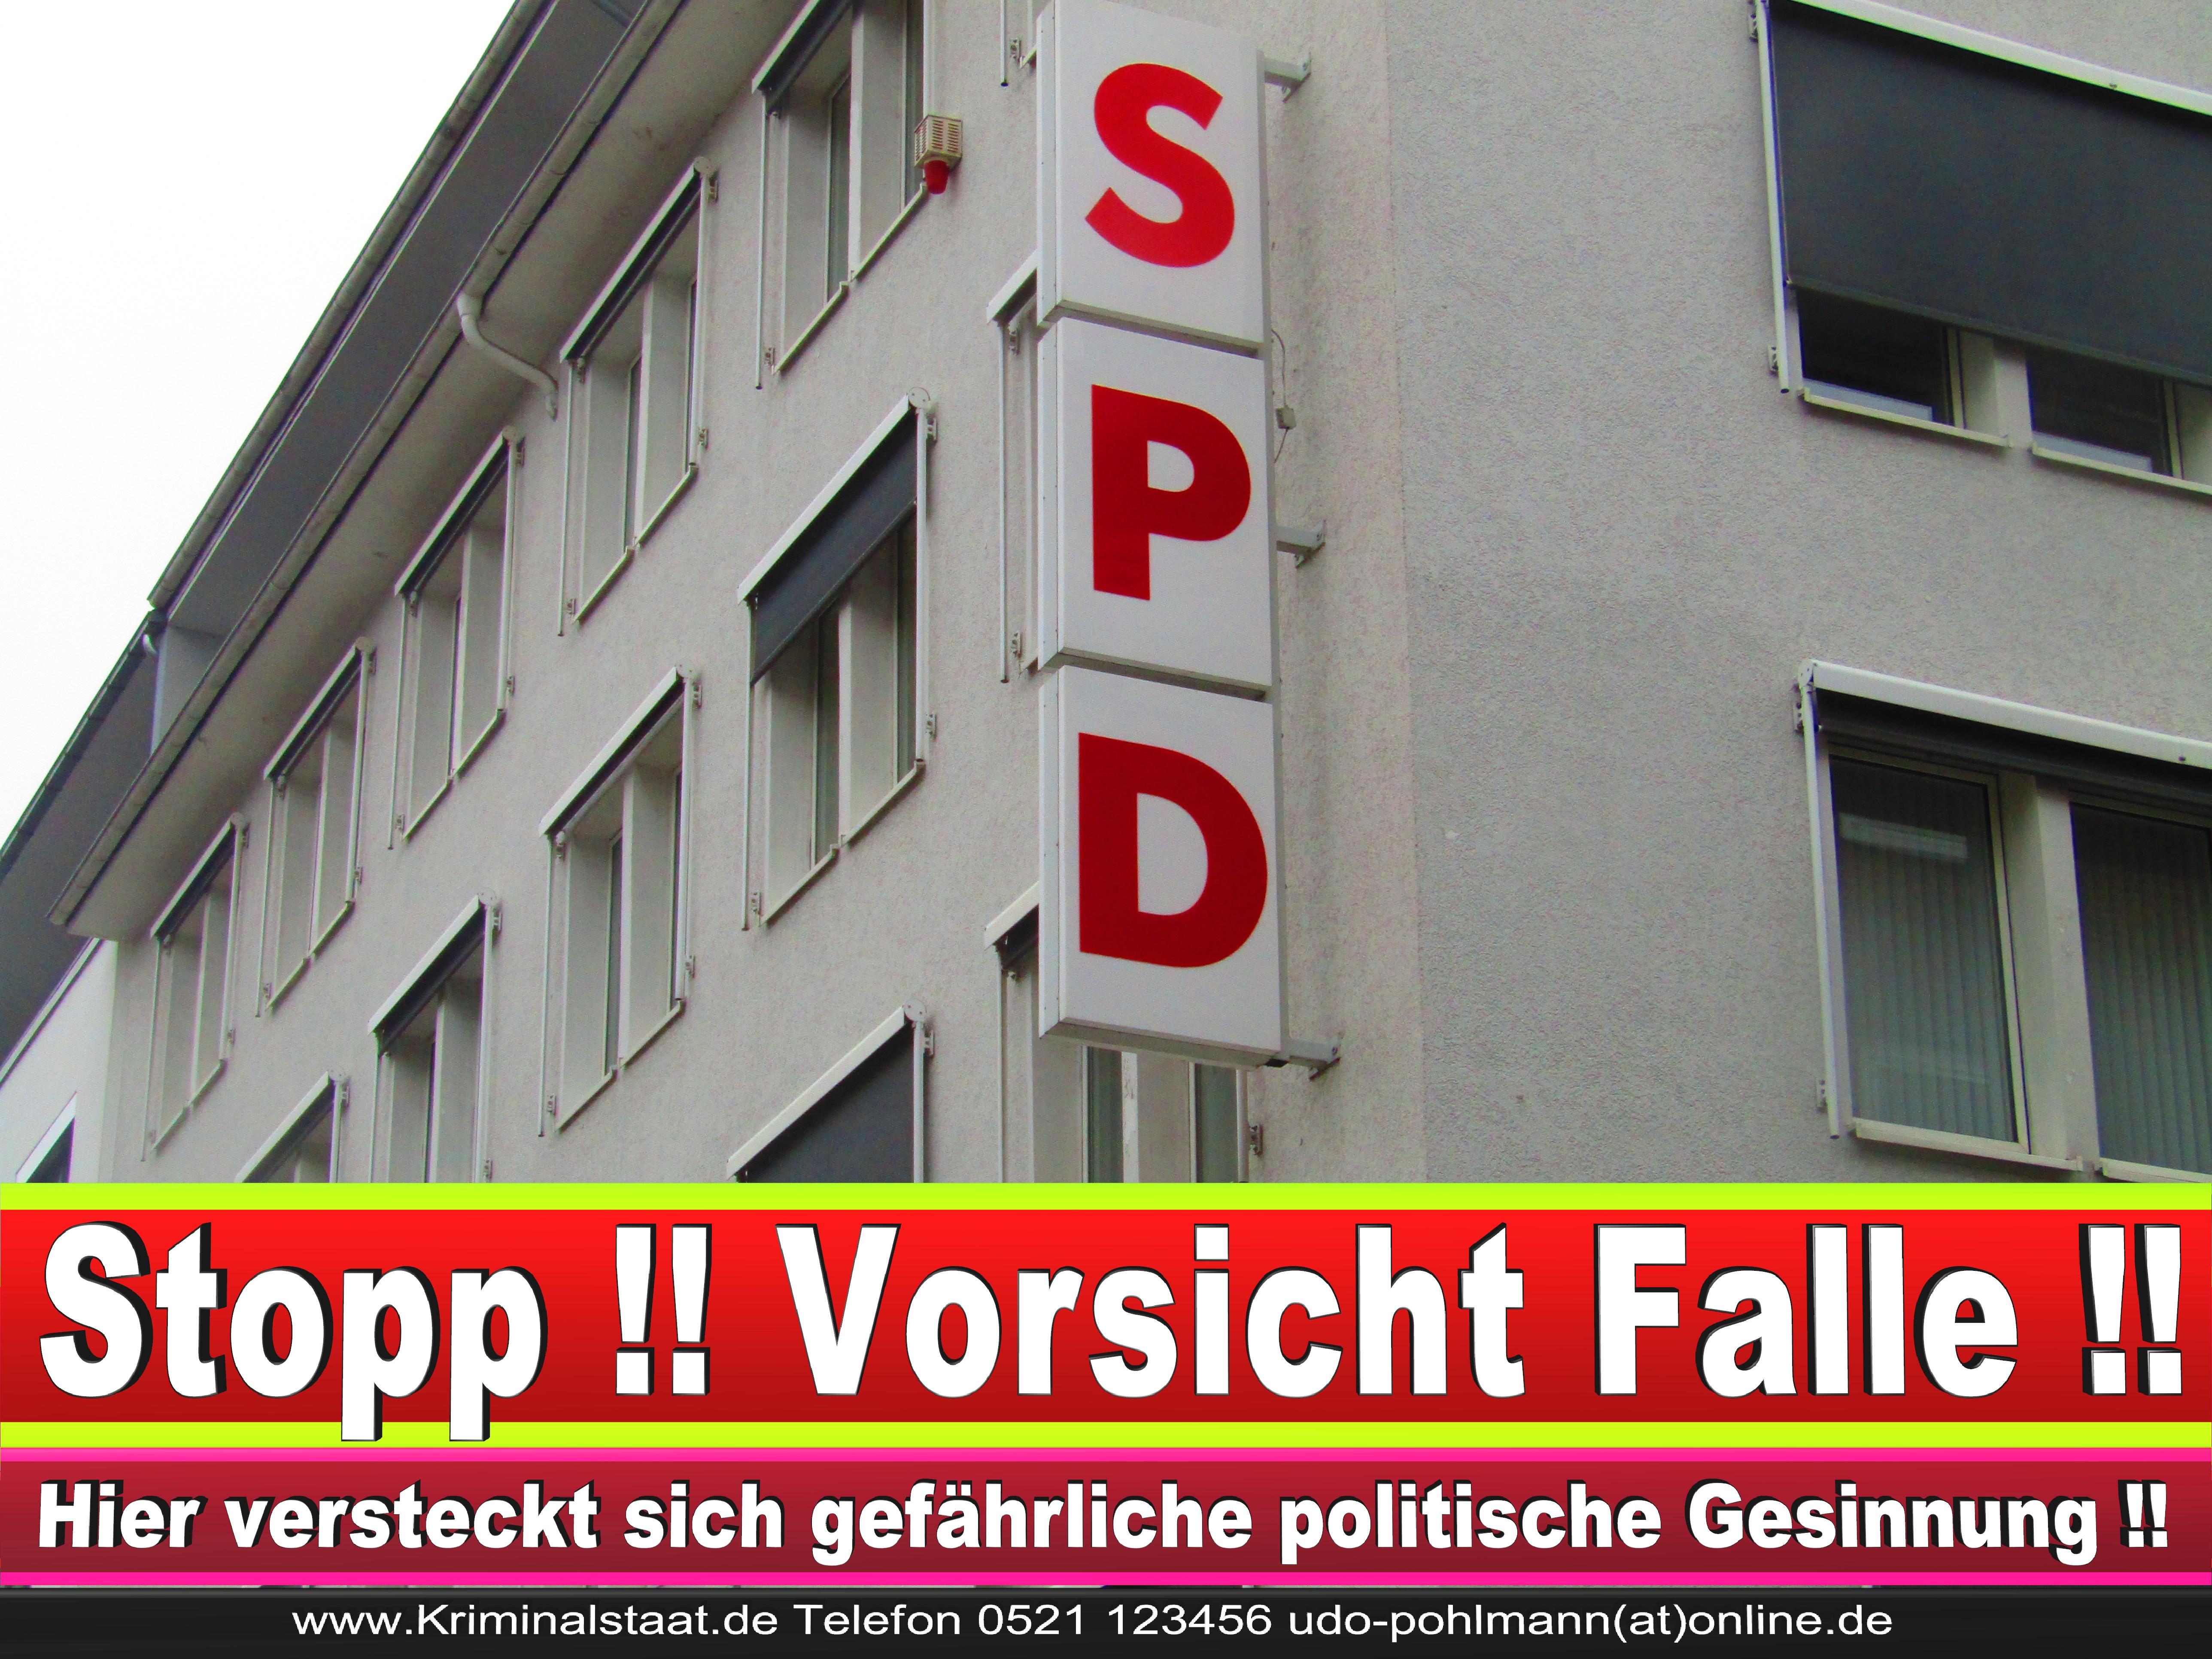 SPD DORTMUND BüRGERBüRO SPD ORTSVERBAND RAT STADT RATSMITGLIEDER SPD FRAKTION GESCHäFTSSTELLE SPD NRW ADRESSE (15) 2